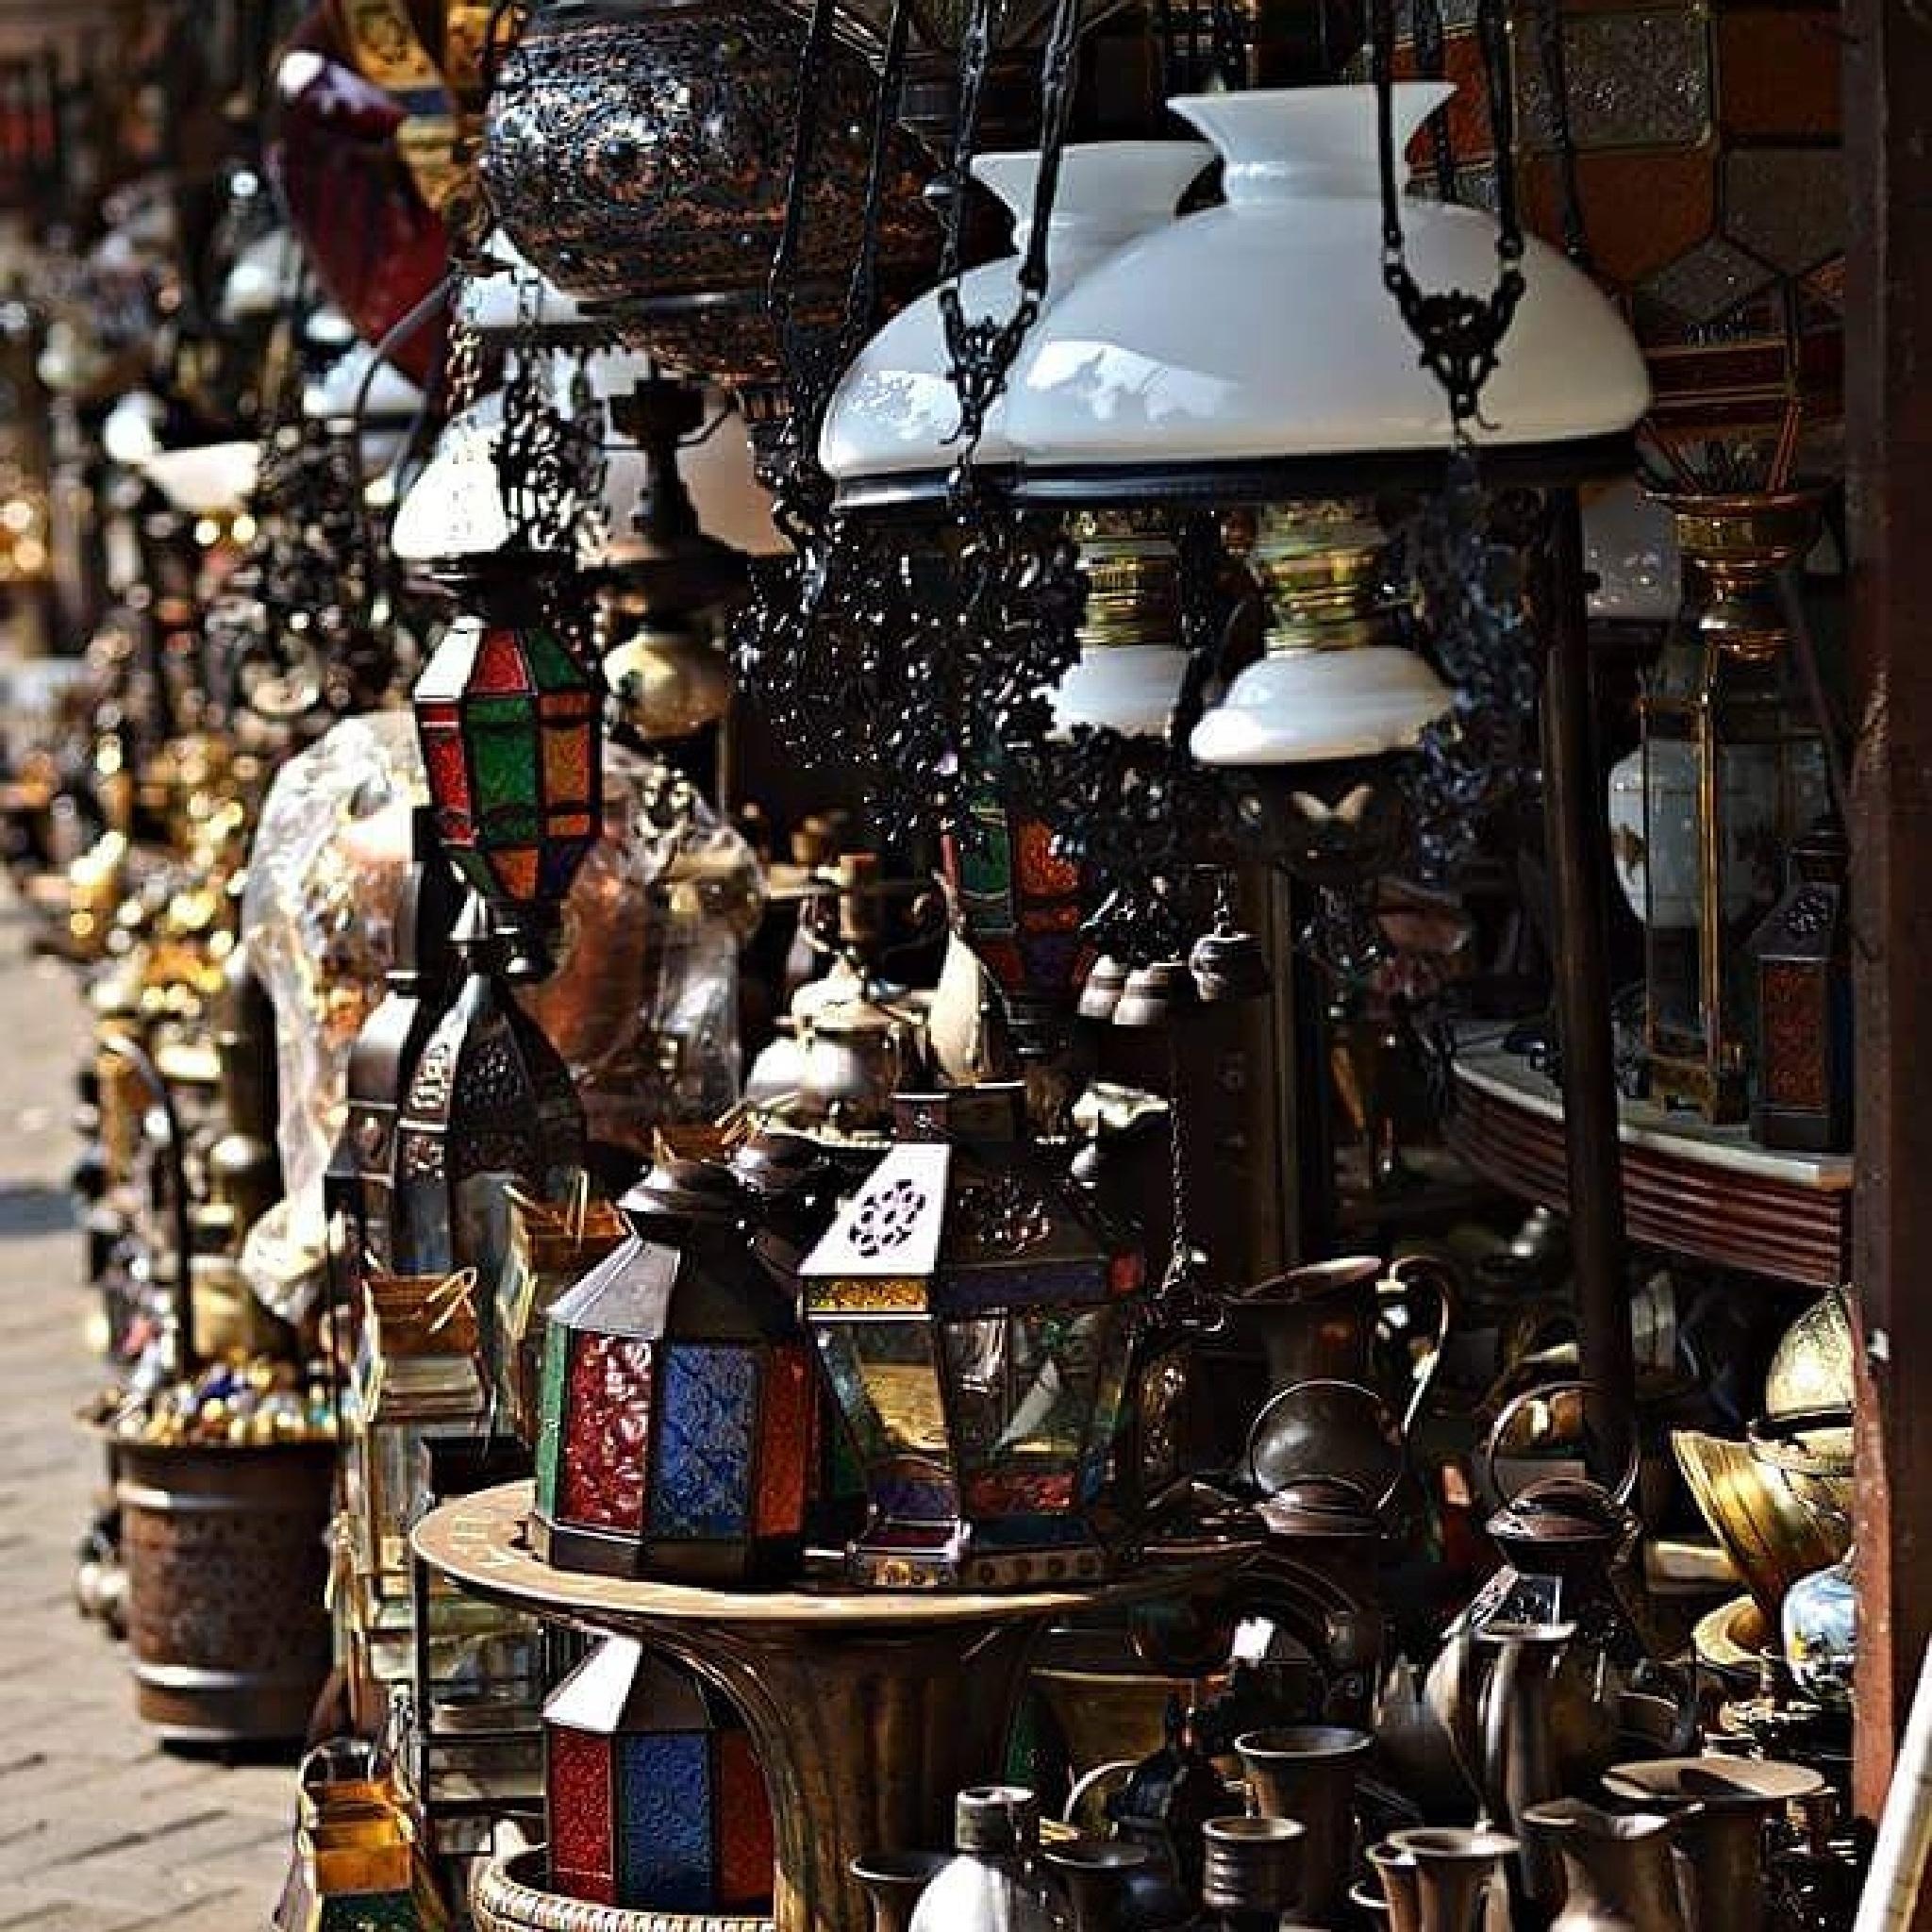 At the corner jalan surabaya jakarta by nina.ajalah